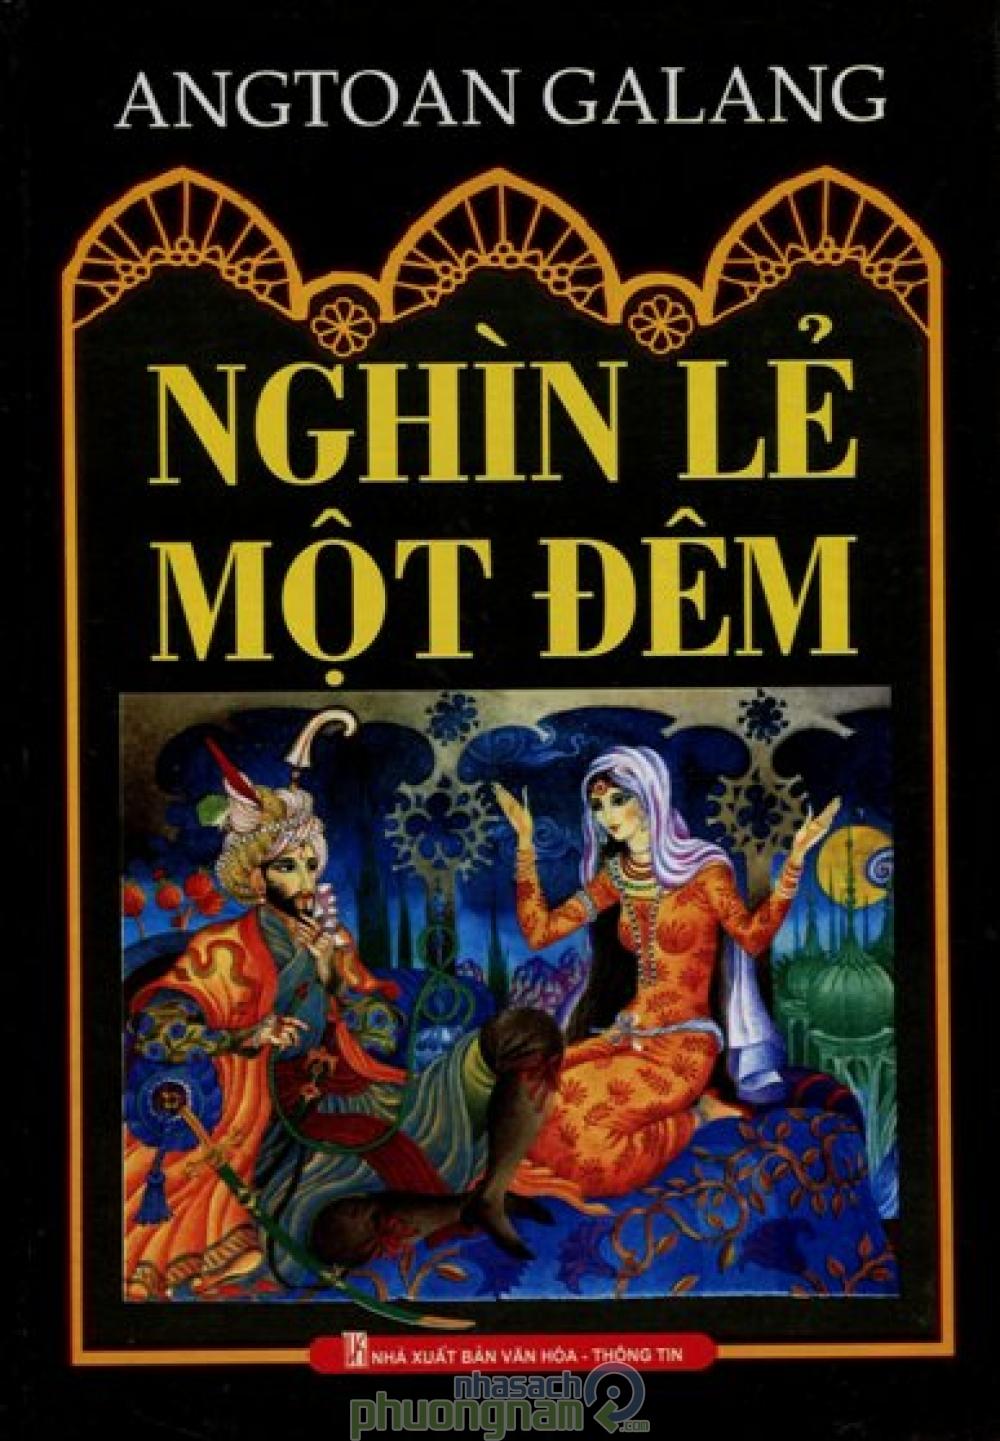 Nghìn lẻ một đêm - EBOOK/PDF/PRC/EPUB